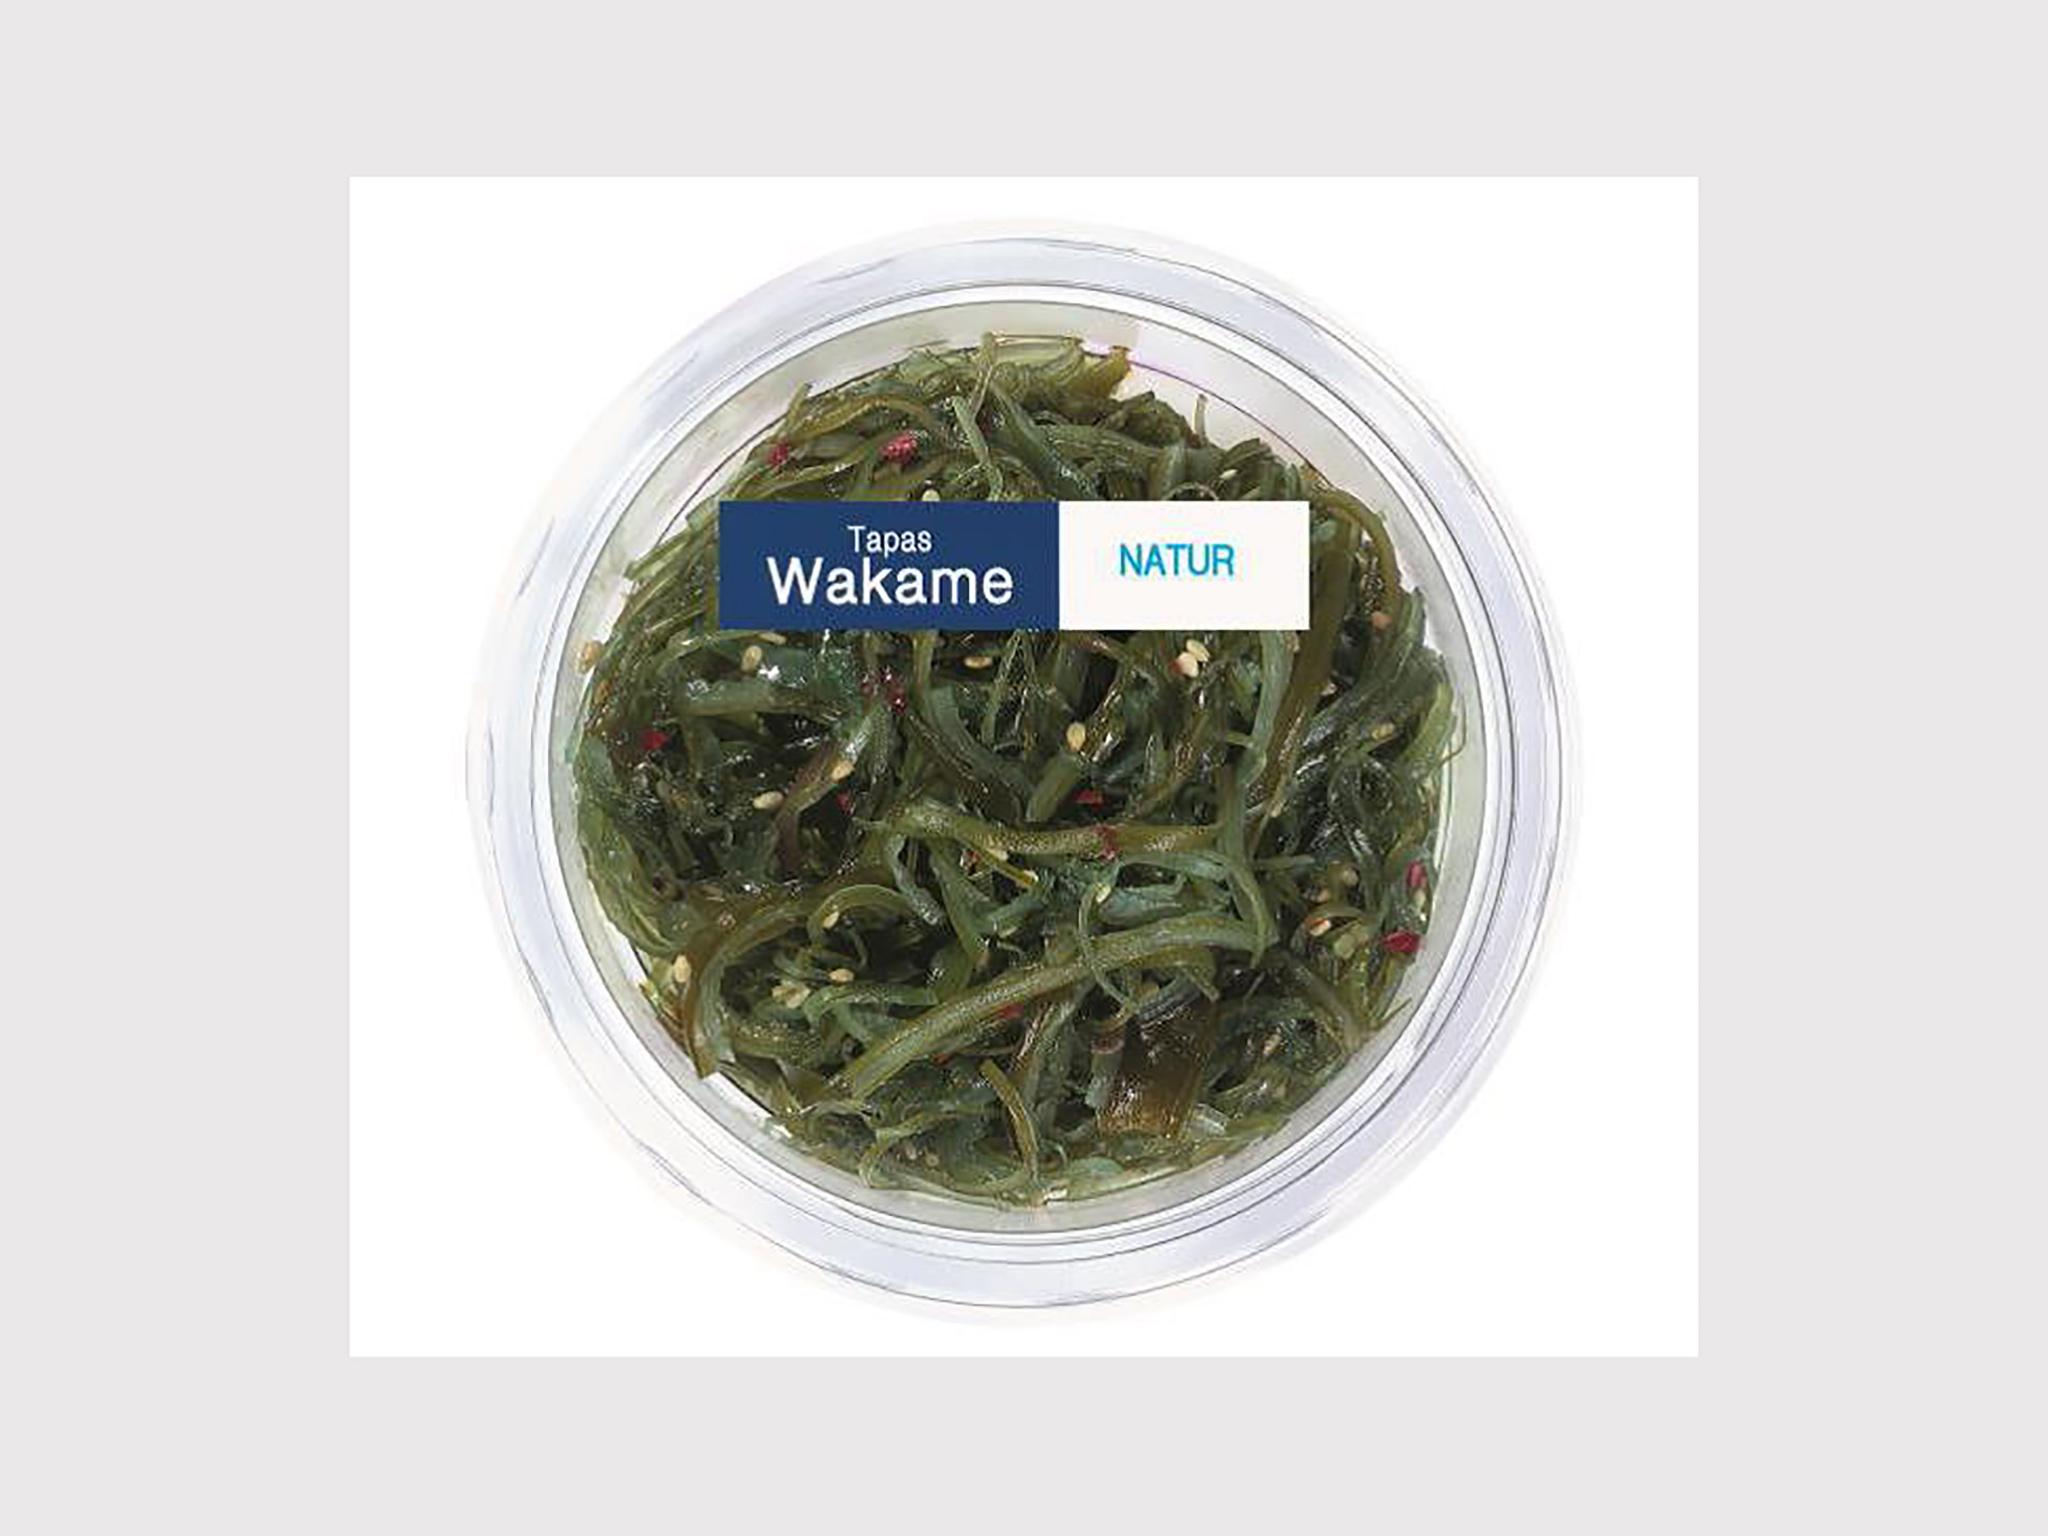 """Das betroffene Produkt """"Wakame Salat – Meeresalgen Natur, 100g"""" des Herstellers Heiploeg International B.V. wurde bei Lidl Deutschland verkauft."""